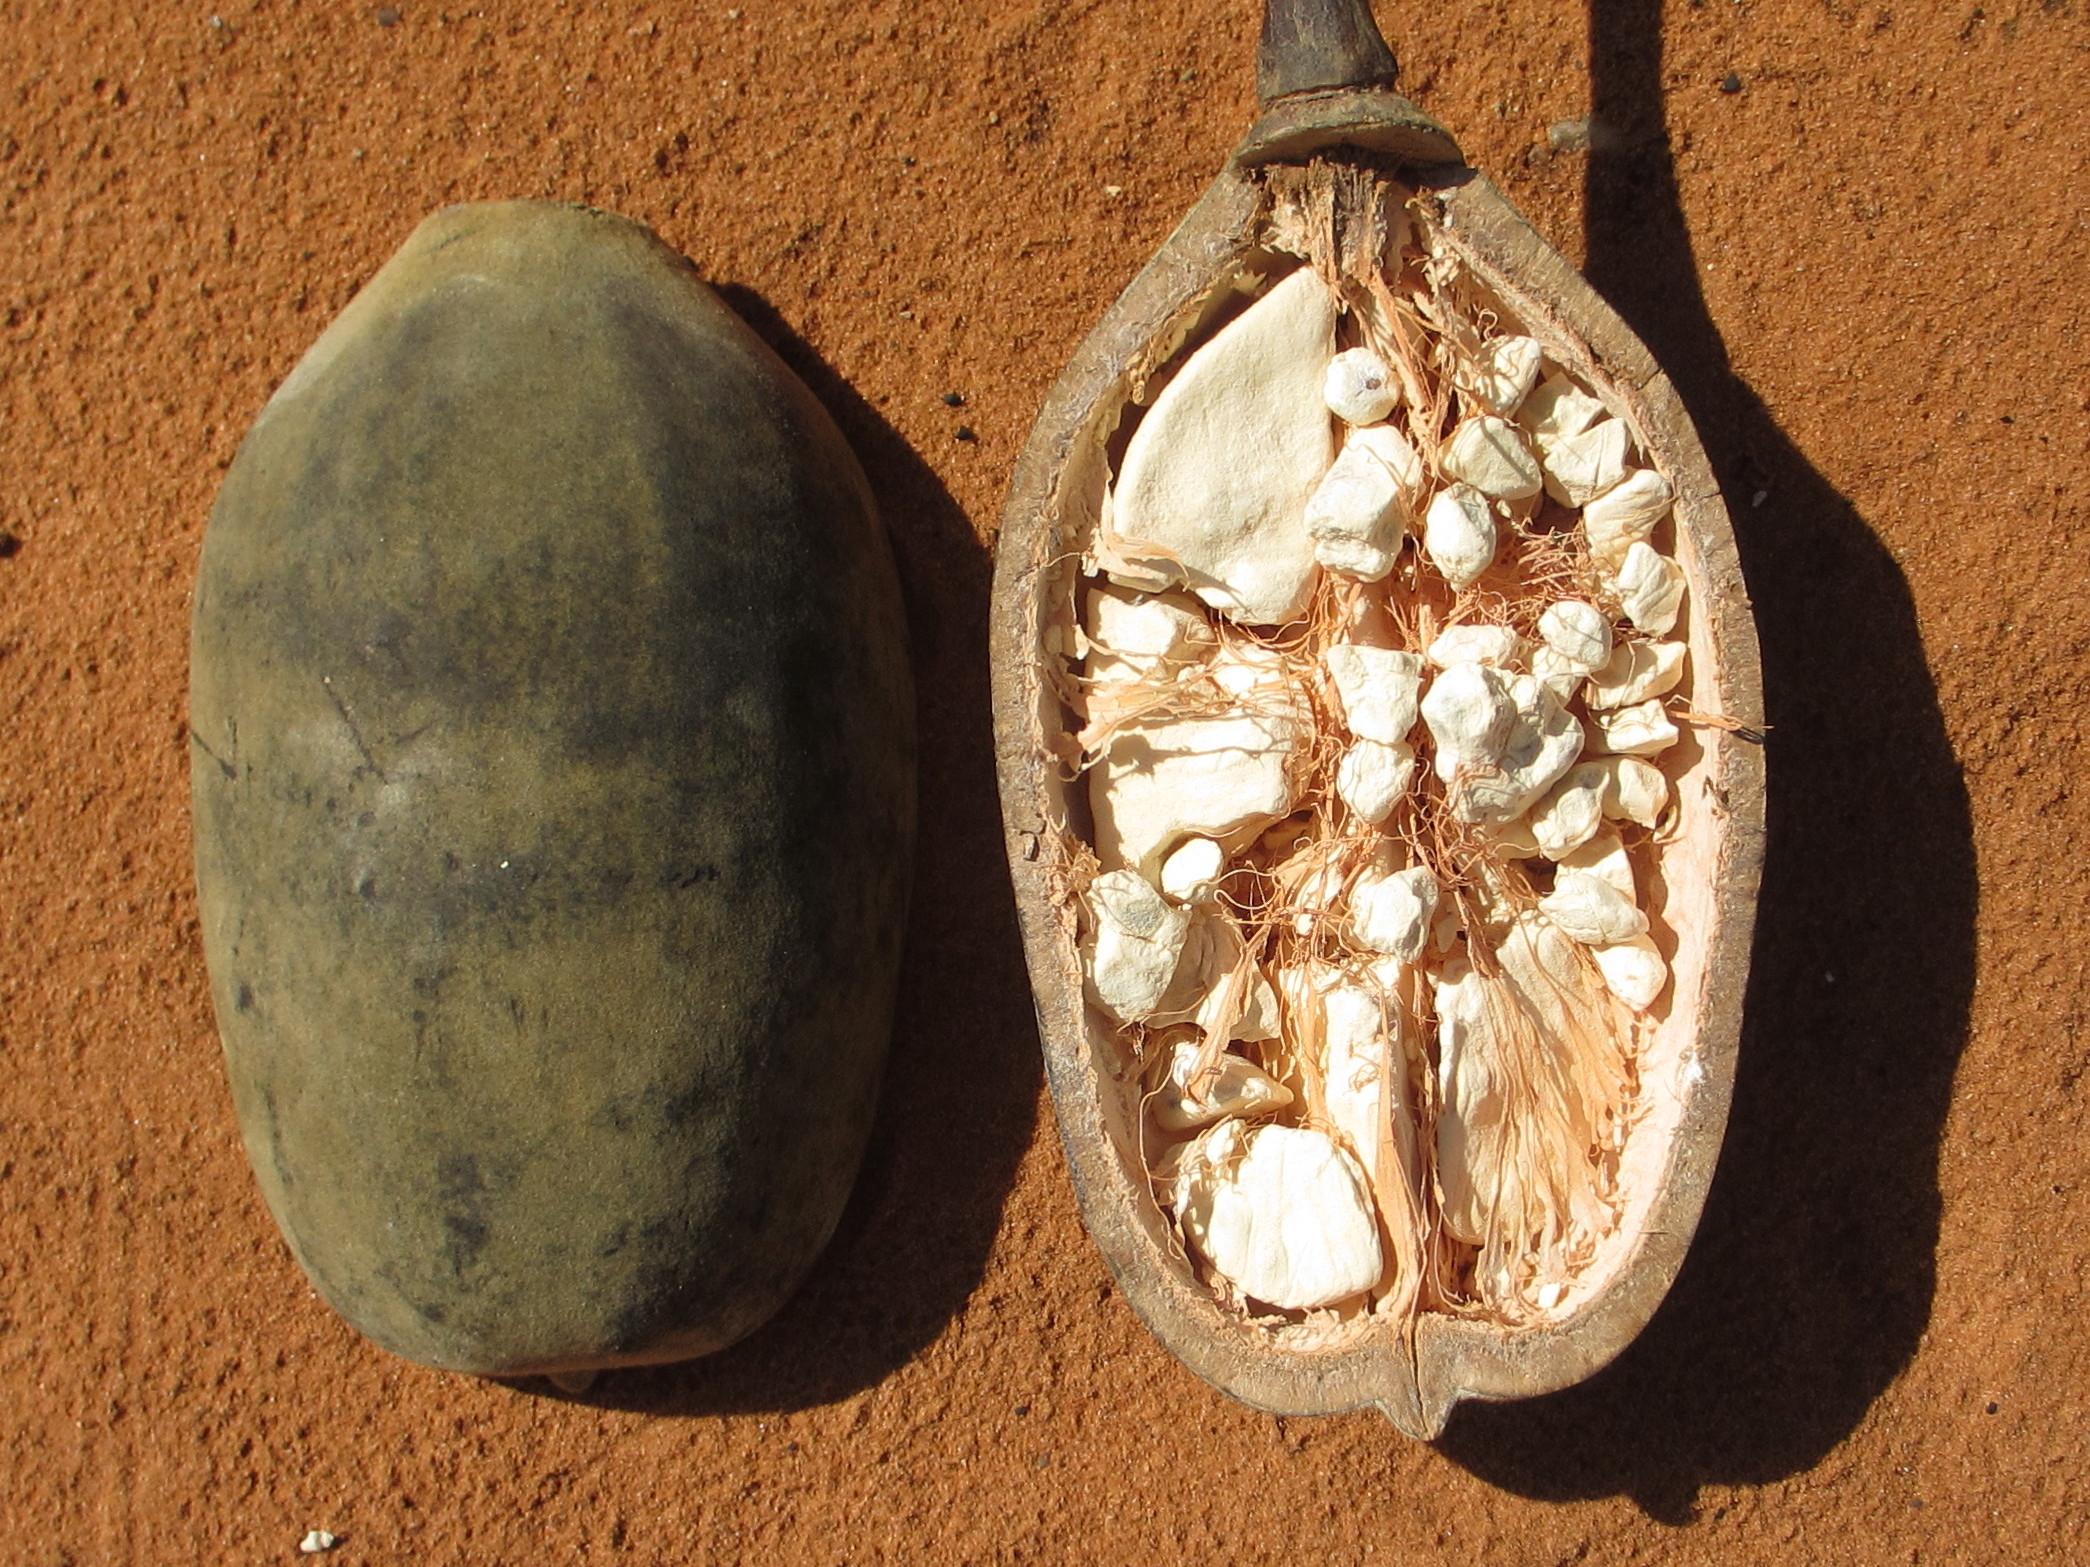 Baobab_-_fruit_8750413322